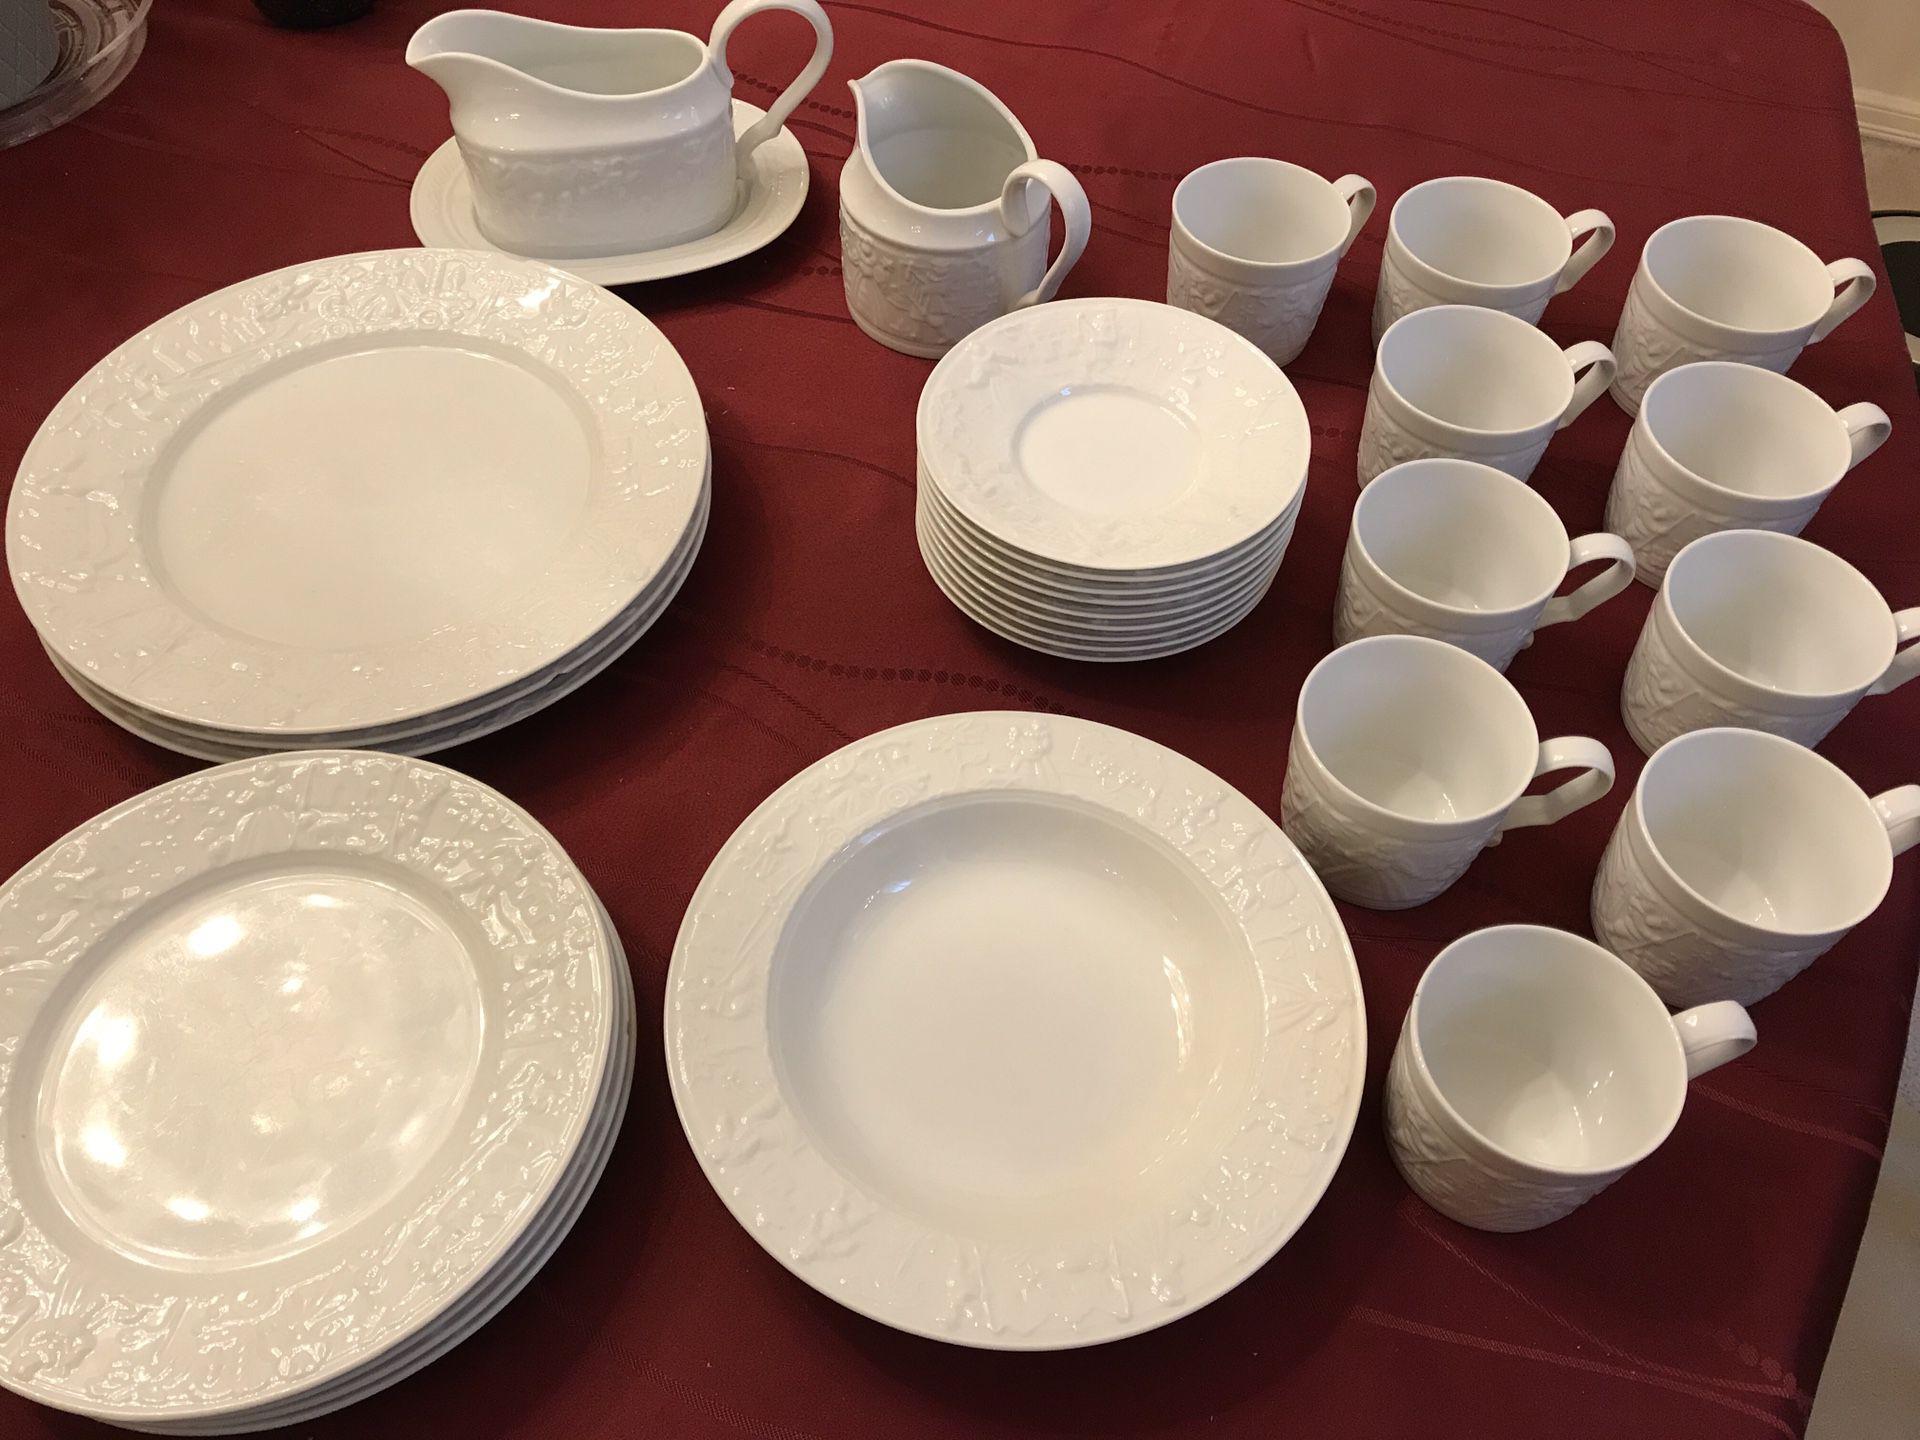 Pfaltzgraff Procession tableware